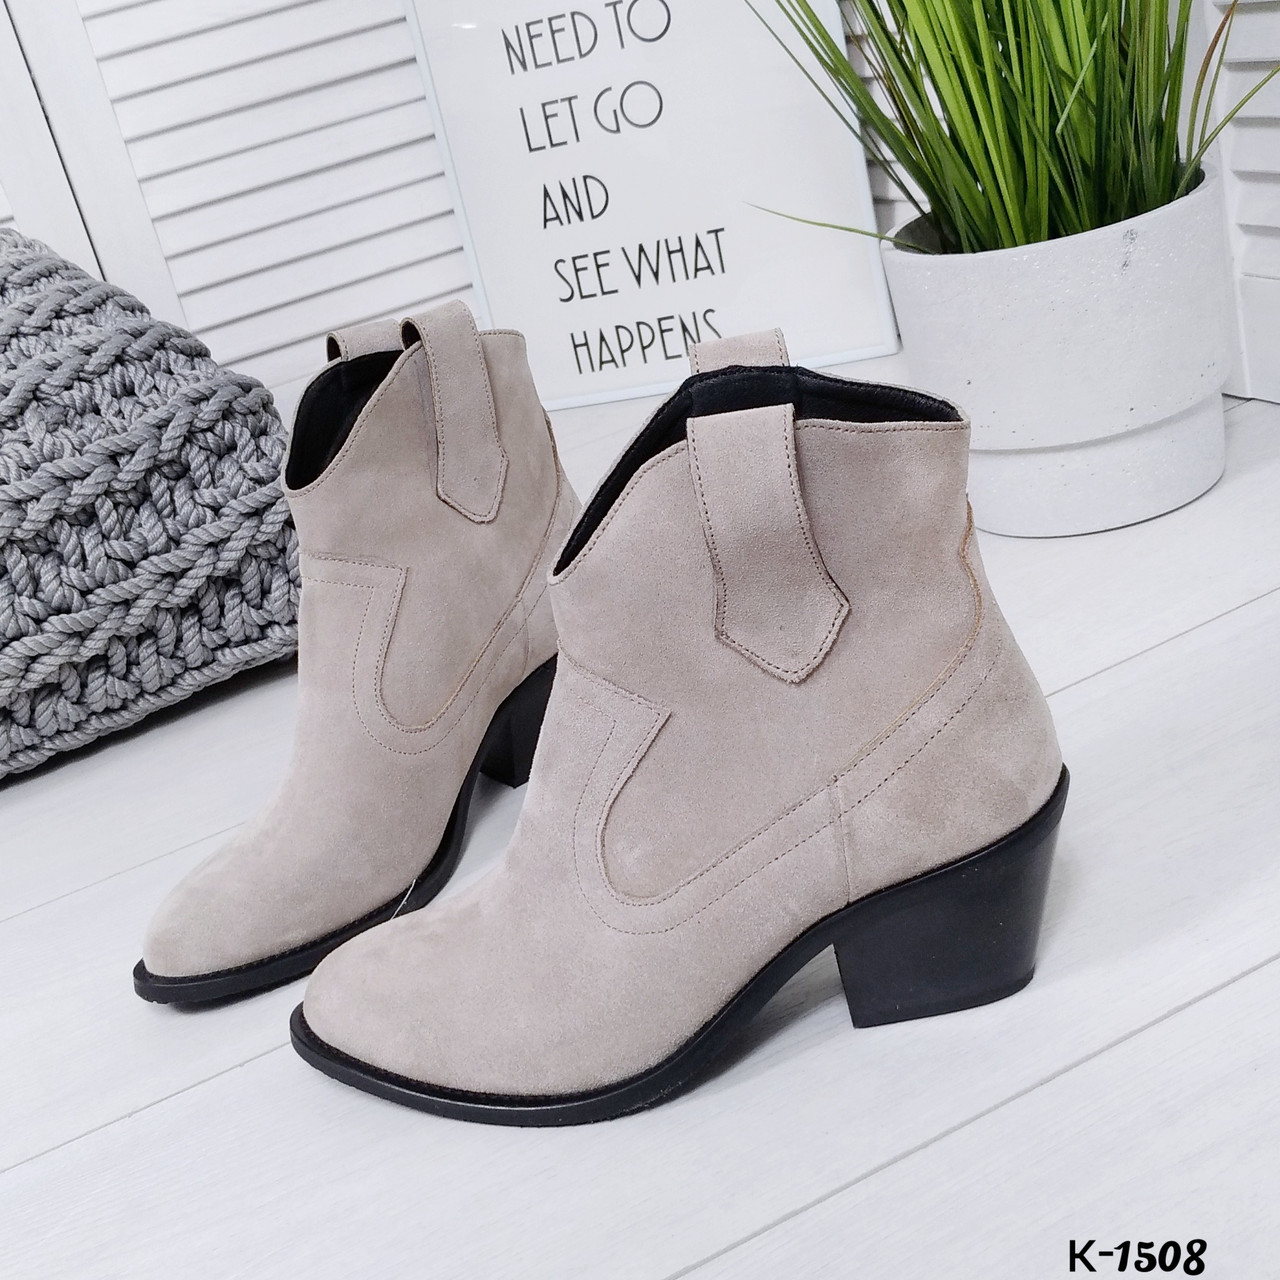 Женские демисезонные ботинки казаки серого цвета, натуральная замша (в наличии и под заказ 7-16дней)